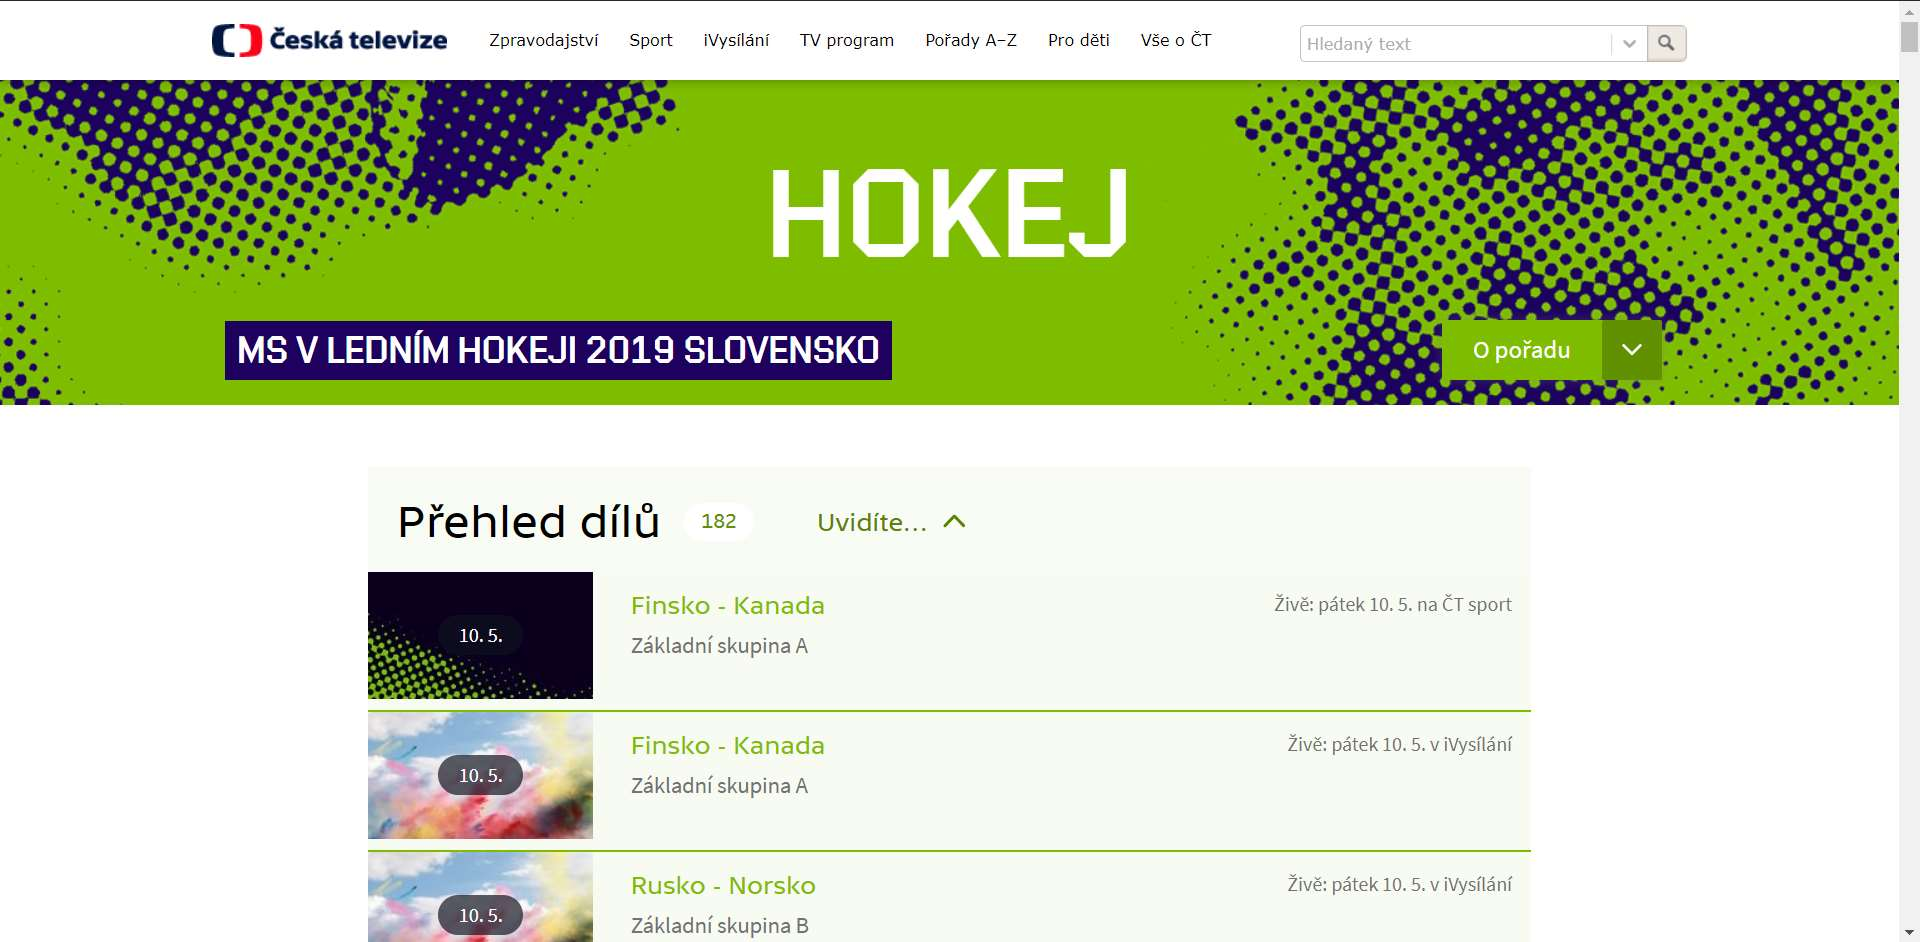 a6b69f8274f25 Hokej online: Kde sledovat mistrovství světa v hokeji 2019 – Živě.cz